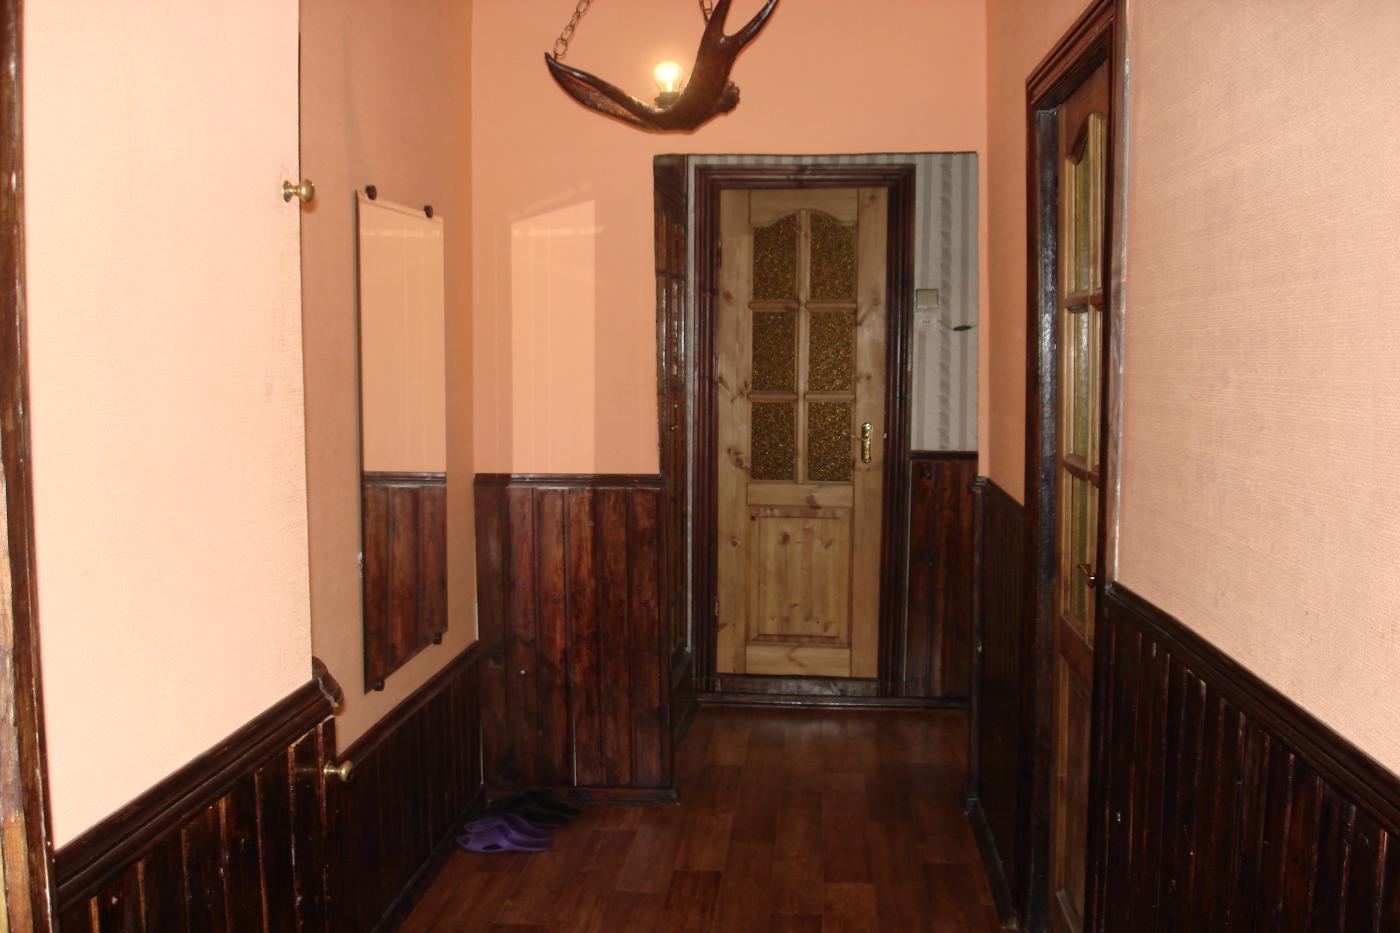 2-комнатная квартира посуточно (вариант № 603), ул. лизюкова улица, фото № 4